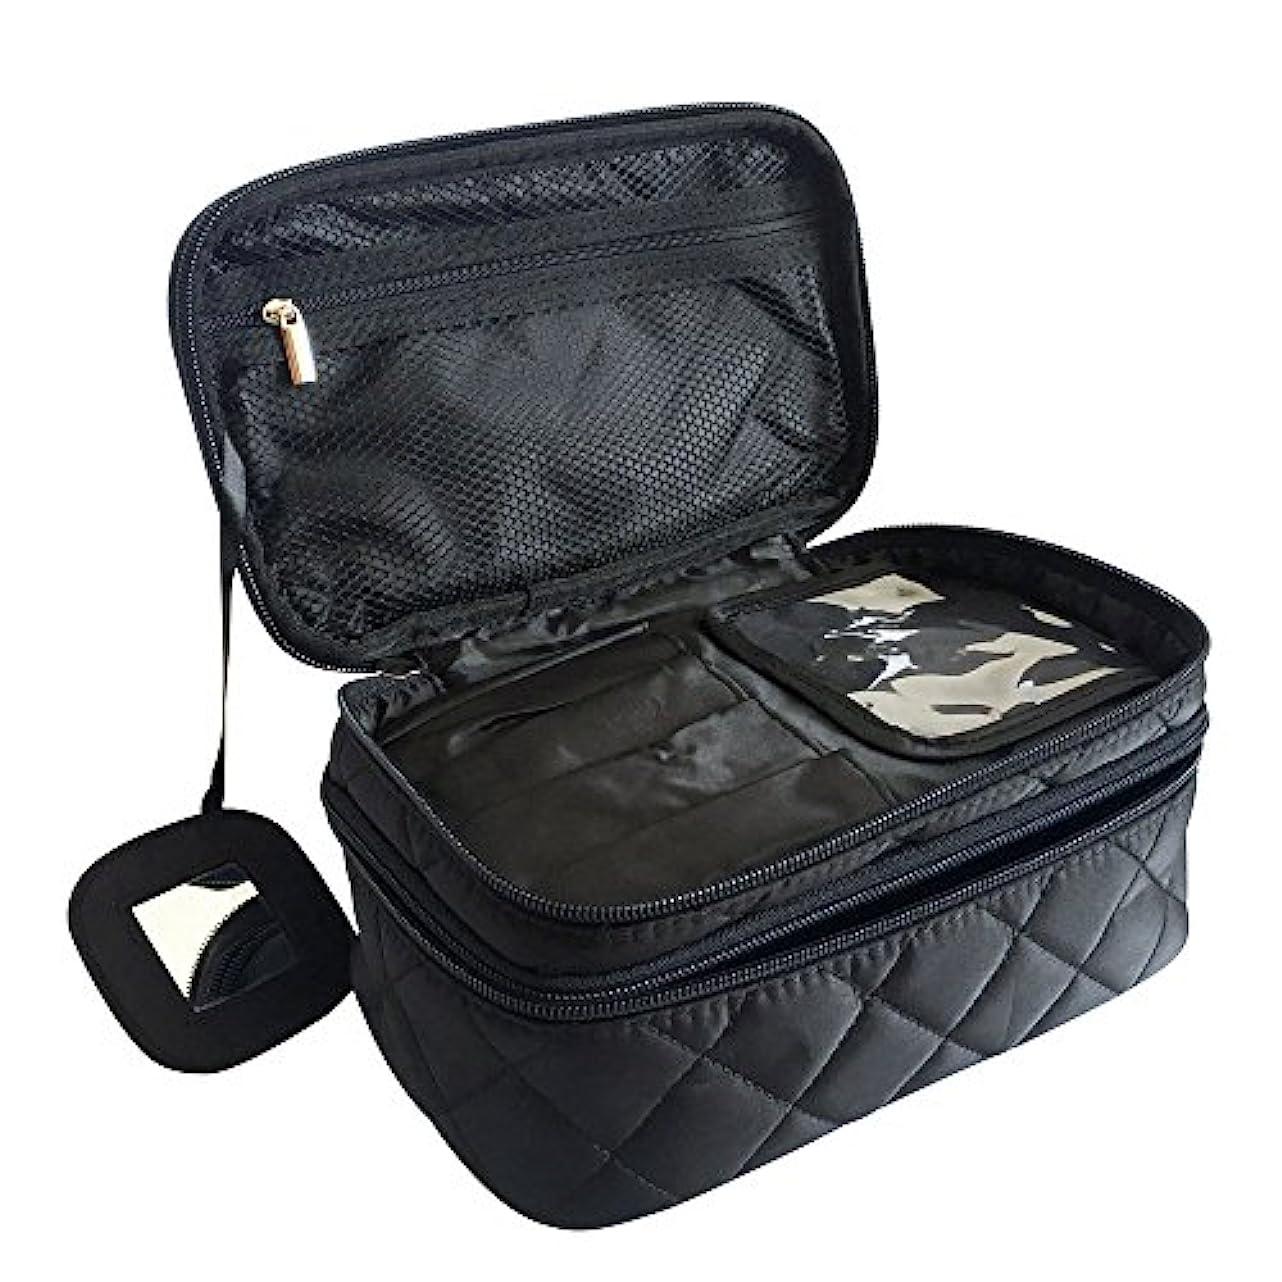 潜在的なプロジェクター潜在的なONEGenug プロ用 メイクボックス 高品質 多機能 多容量 メイクブラシバッグ 収納ケース スーツケース?トラベルバッグ 化粧 バッグ メイクブラシ 化粧道具 小物入れ 23cm×14cm×10cm